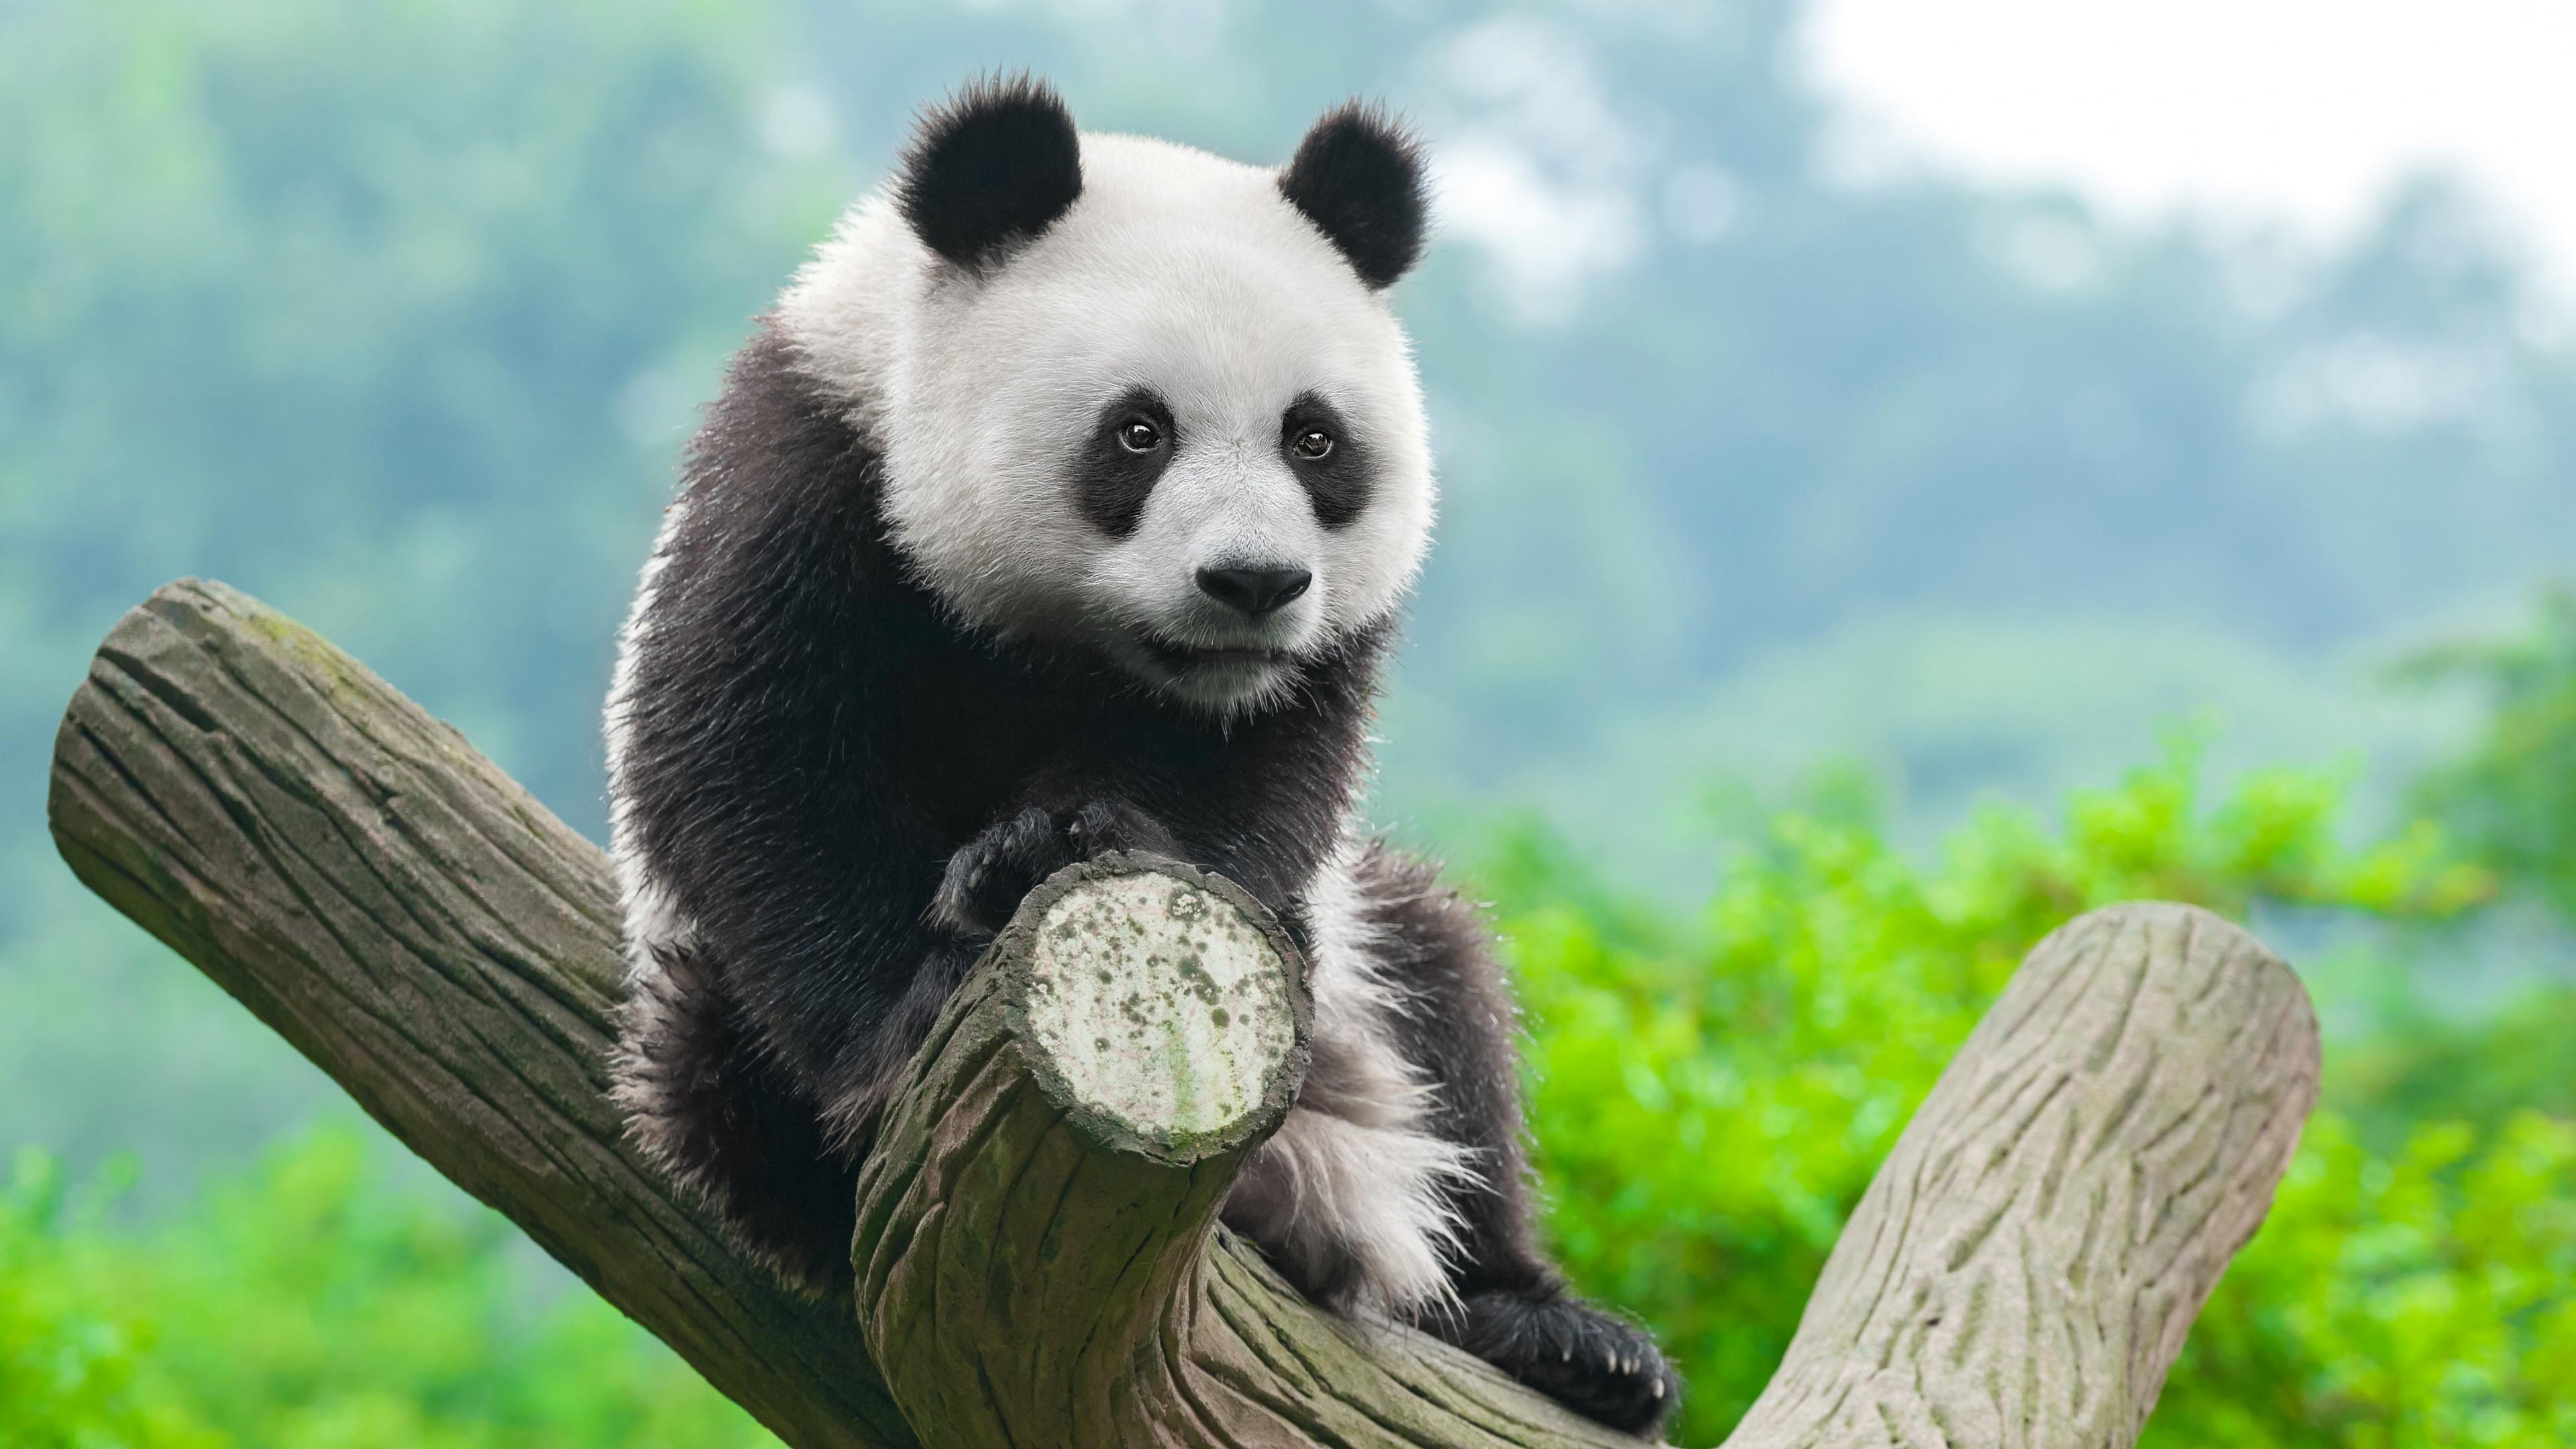 Ảnh 4K con gấu trúc vô dụng đang đần thối mặt ngồi trên cây